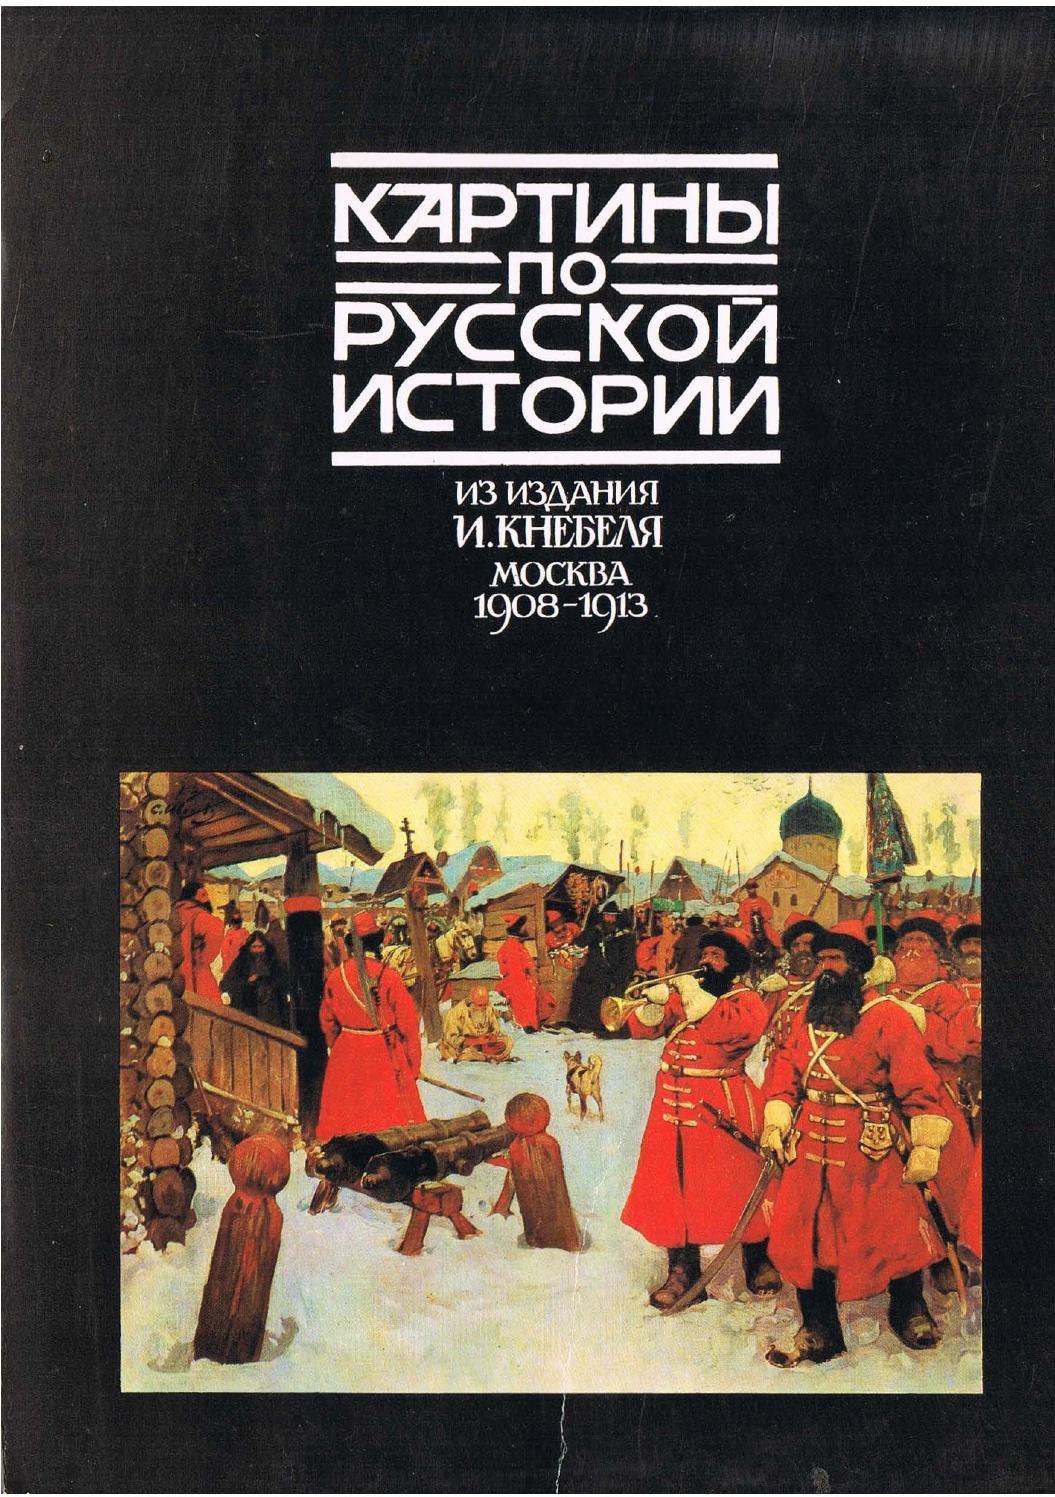 Гифки машины, российская история по открыткам